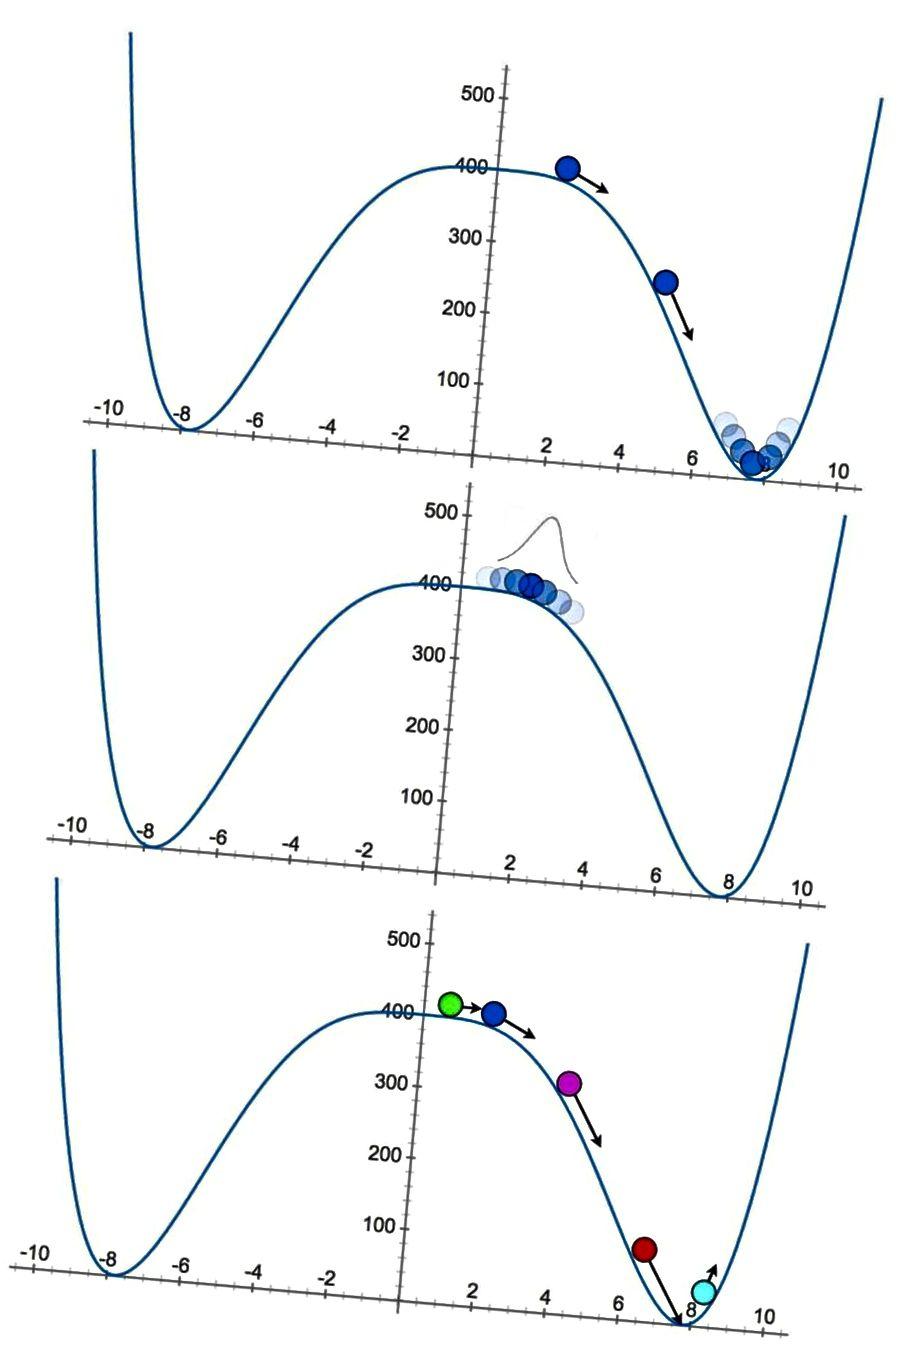 """Die Quantennatur der Inflation bedeutet, dass sie in einigen """"Taschen"""" des Universums endet und in anderen fortbesteht. Es muss den metaphorischen Hügel hinunter und ins Tal rollen, aber wenn es ein Quantenfeld ist, bedeutet die Ausbreitung, dass es in einigen Regionen endet, während es in anderen weitergeht. (E. SIEGEL / ÜBER DIE GALAXIE HINAUS)"""